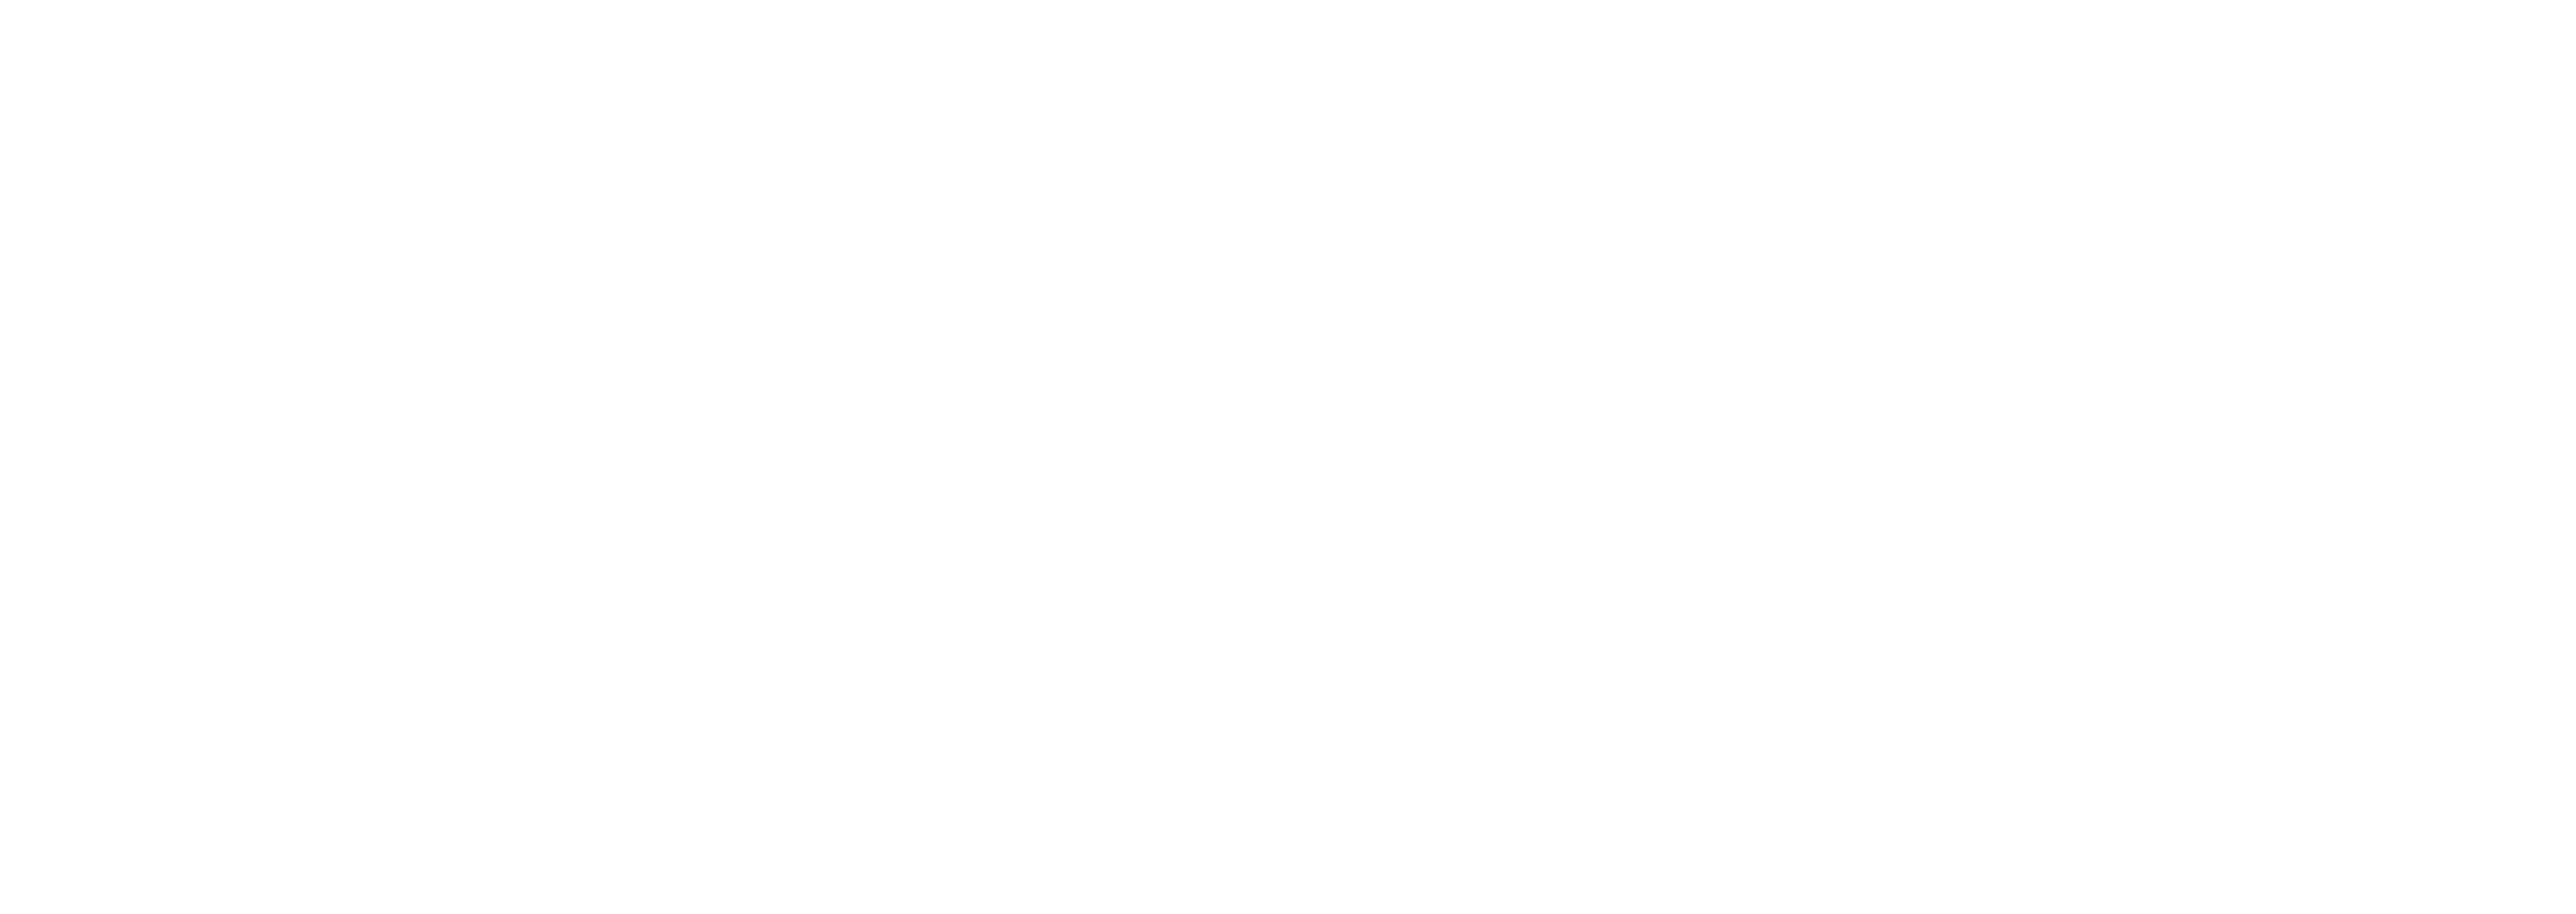 Hunch Help Center